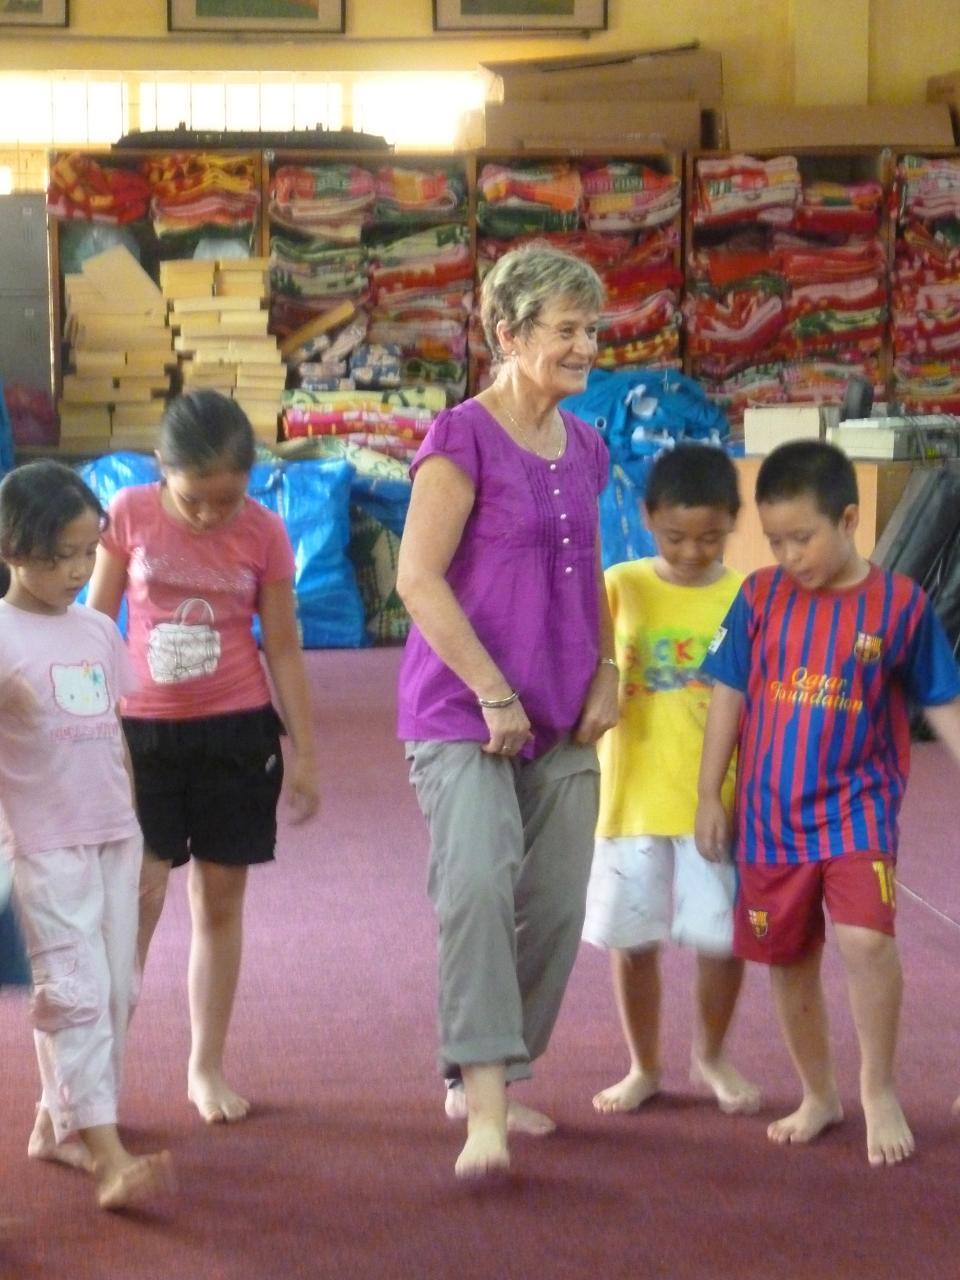 Ulandsfrivillig på fysioterapeutisk arbejde i Vietnam